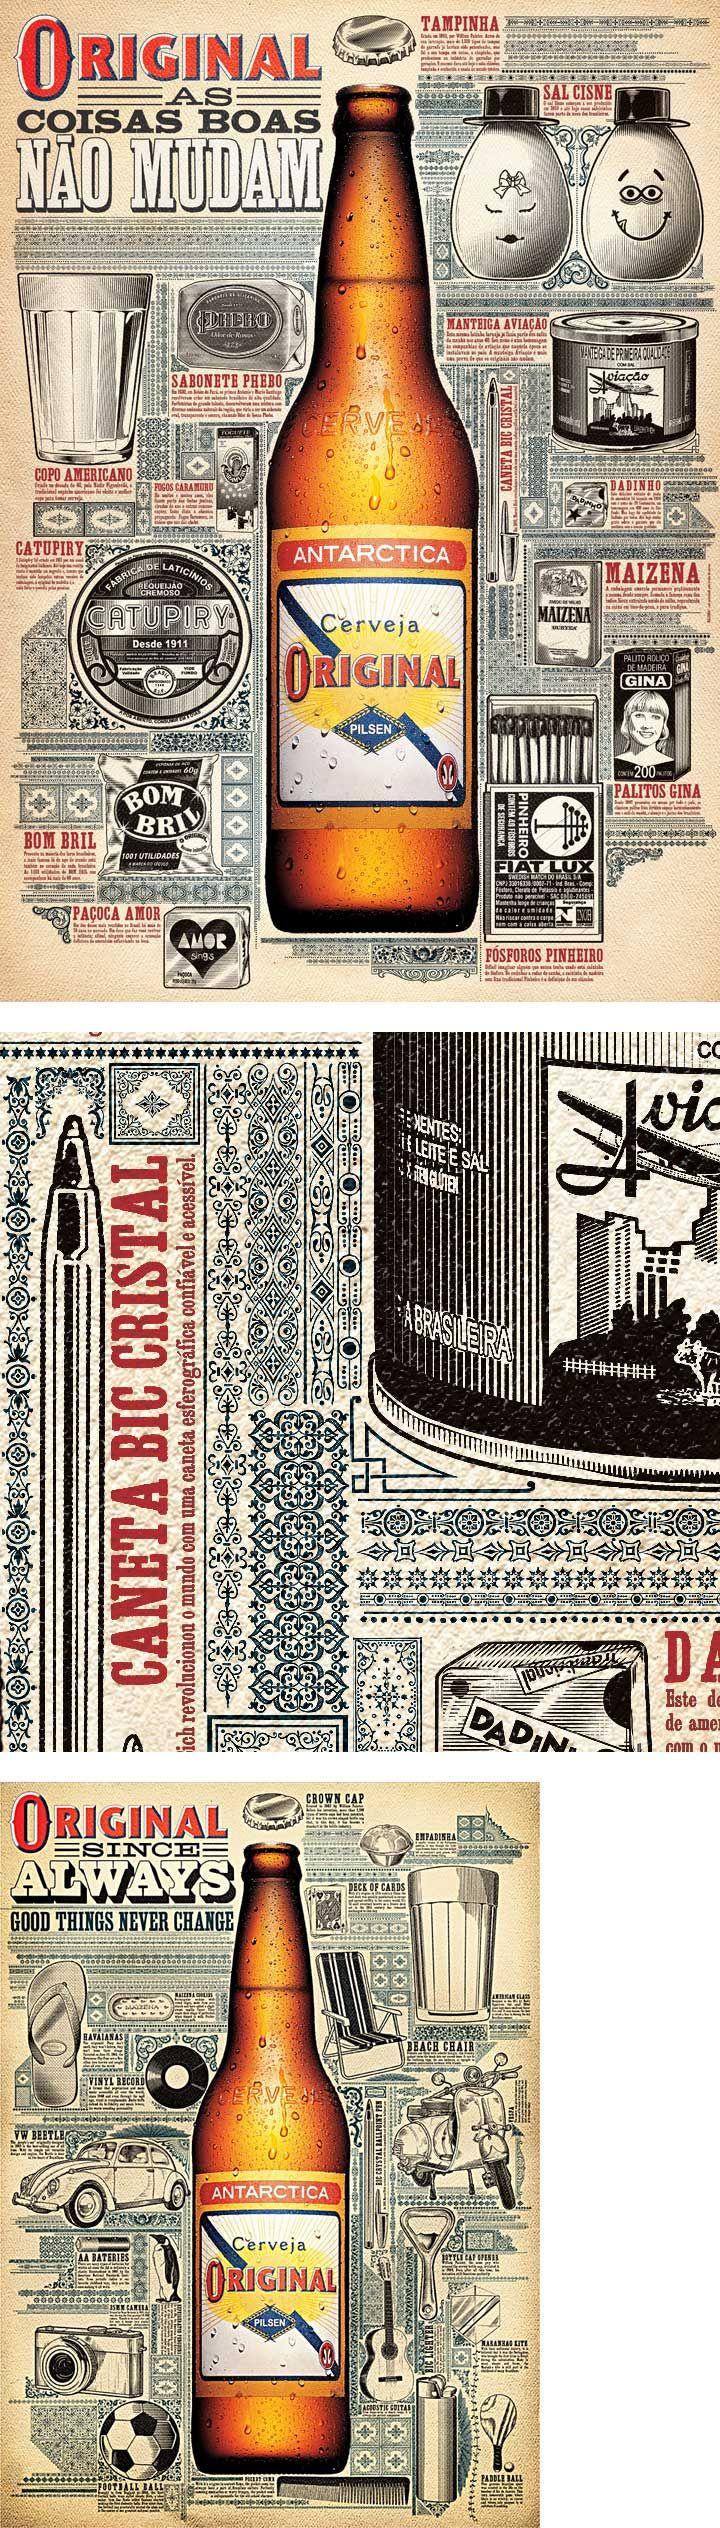 Poster to promote Cerveja Original (Original beer) by Marcos Kotlhar